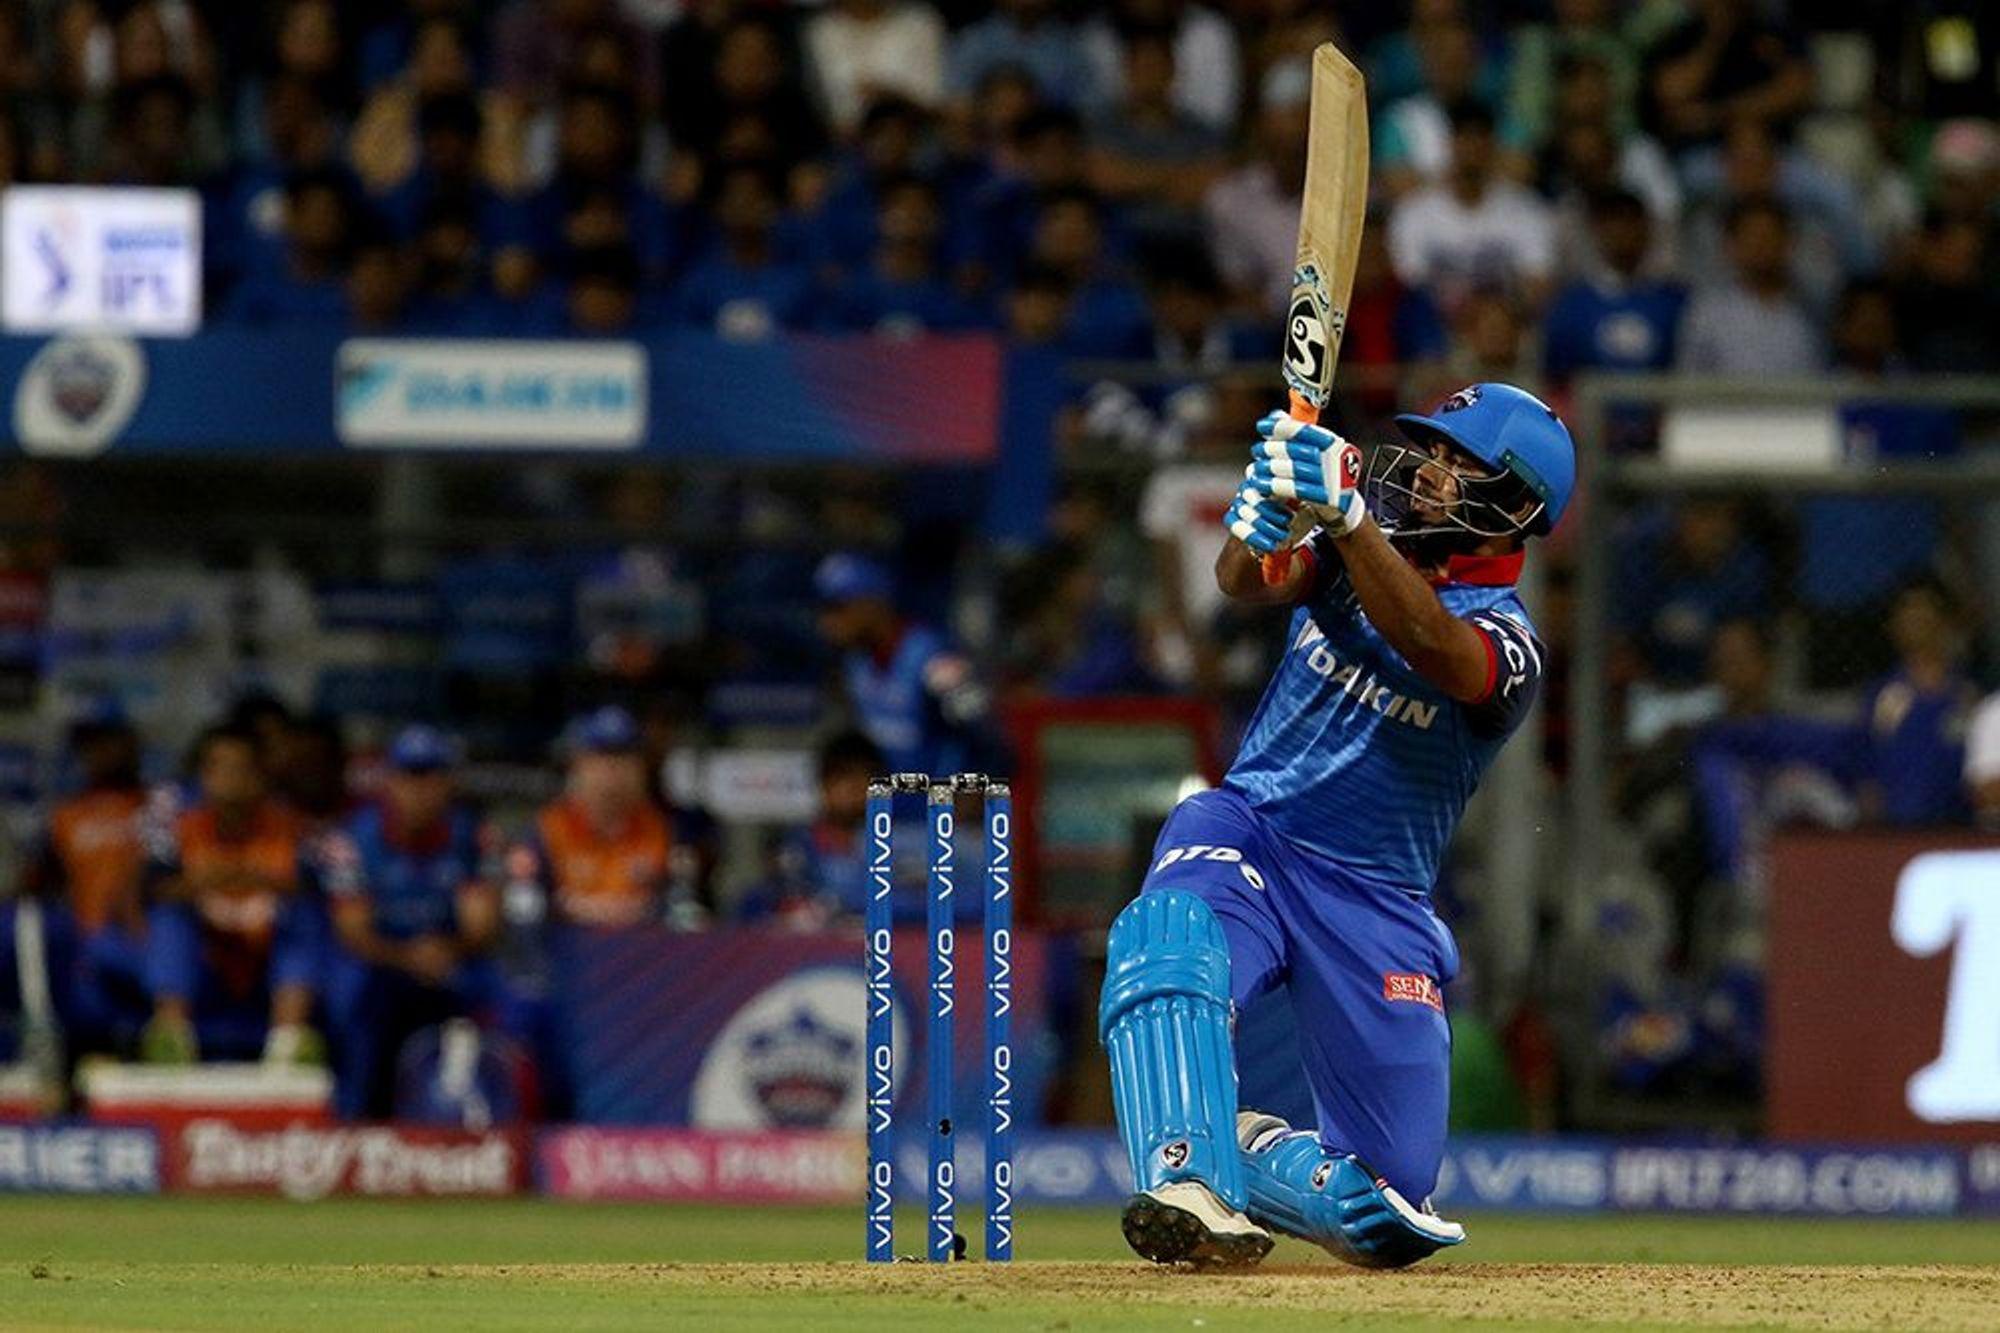 IPL 2019- जॉनसन को पसंद नहीं आई ऋषभ पंत की 18 गेंदों में 50 रनों की तूफानी पारी, इस ऑस्ट्रेलियाई खिलाड़ी से की तुलना 13